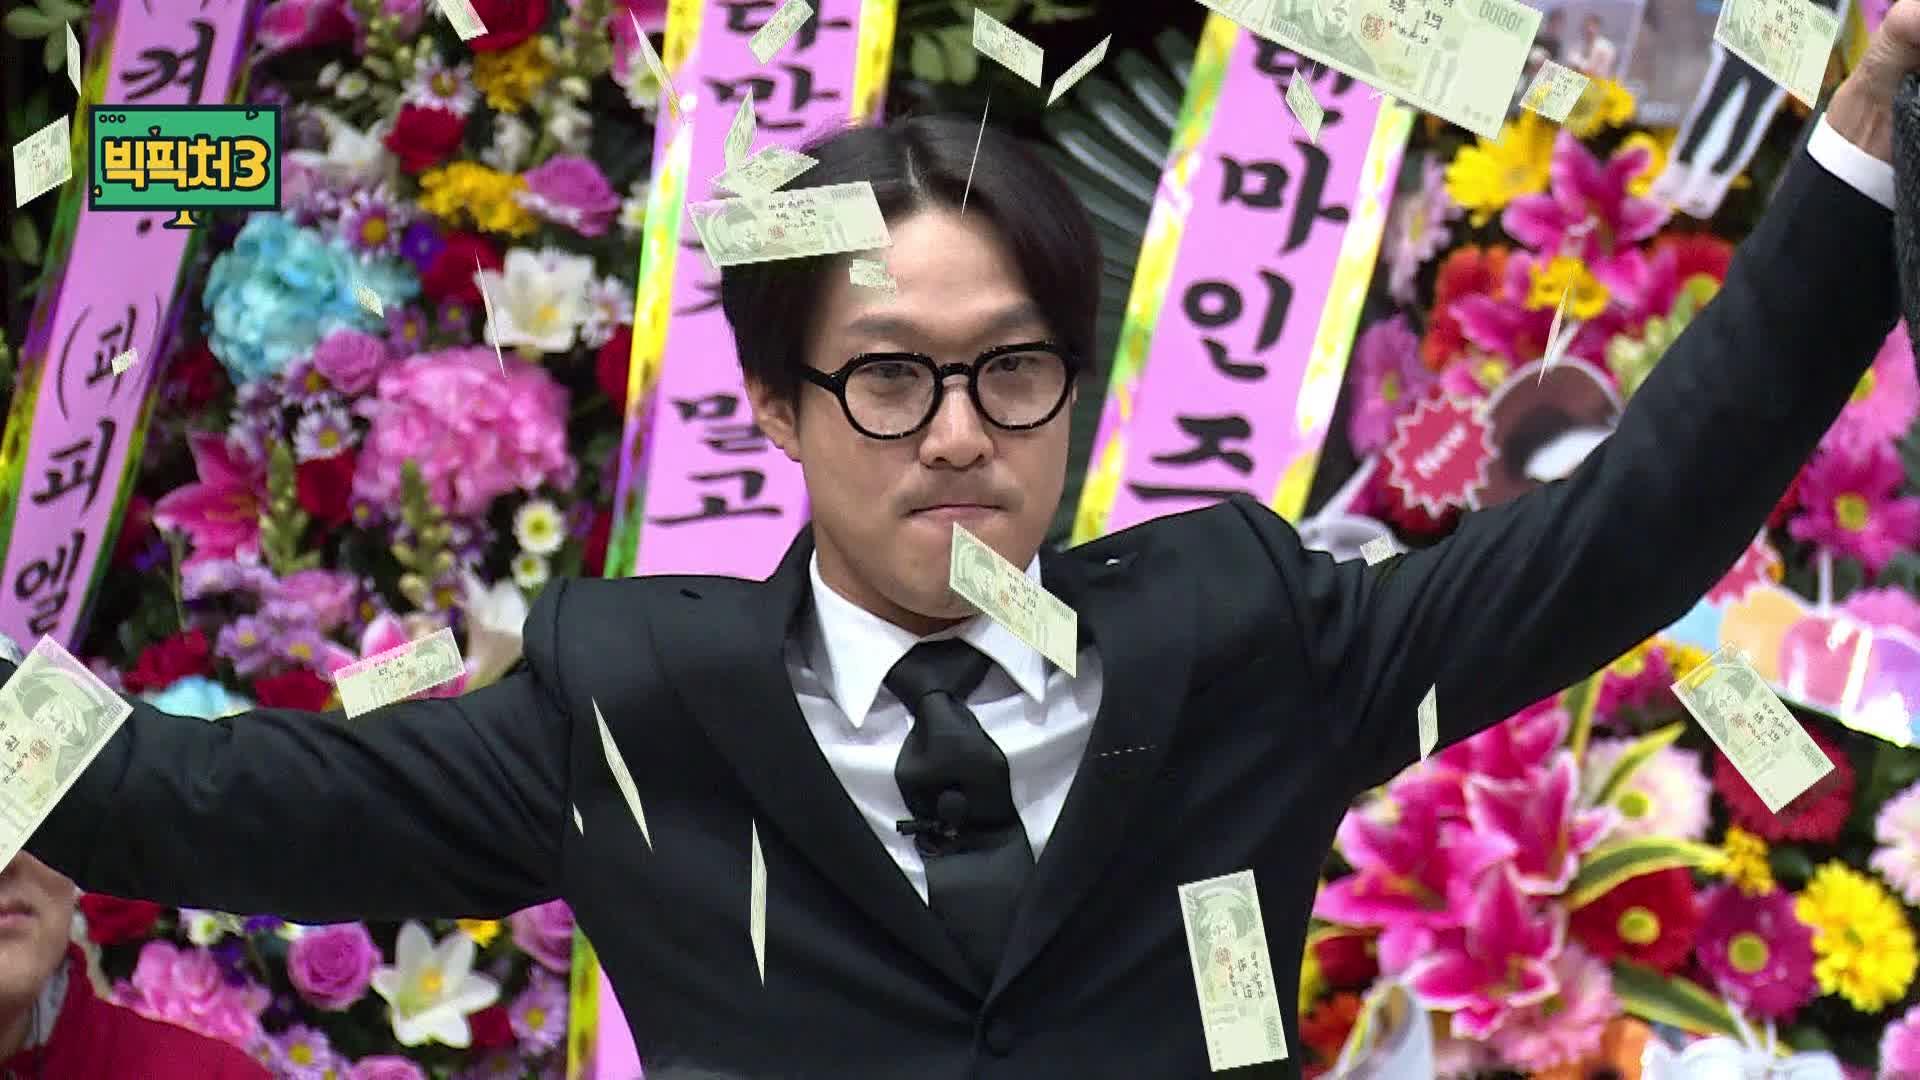 빅픽처3 티저 공개!